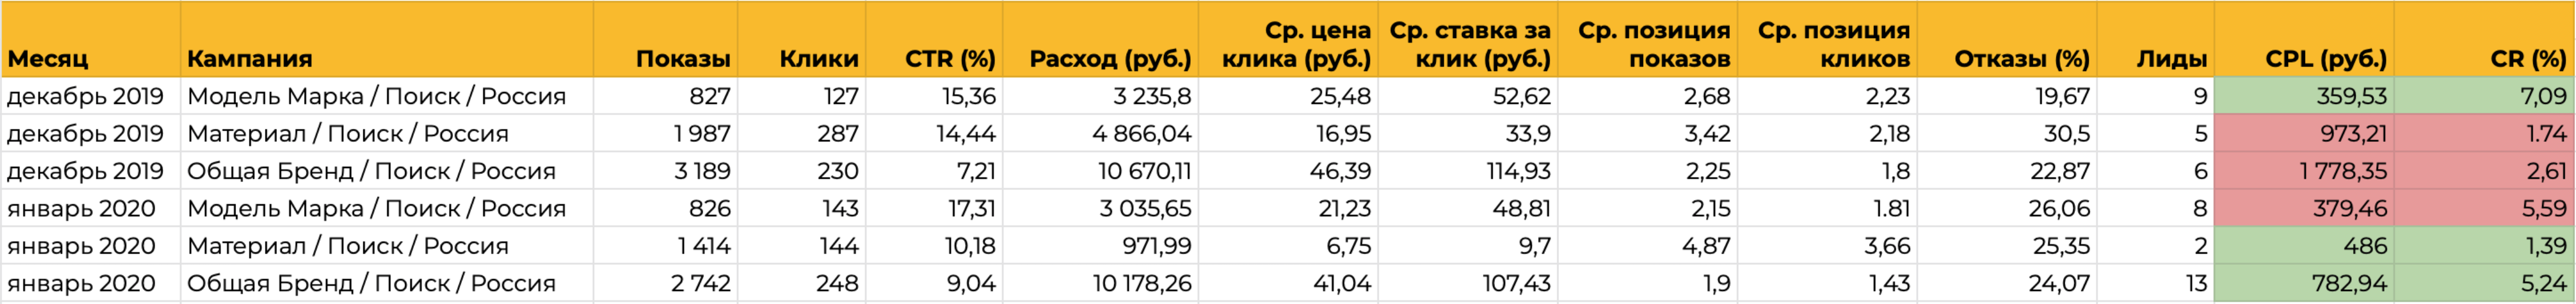 Автостратегии Яндекс Директа помогают сделать CPL ниже допустимого, но затем нужны точные настройки